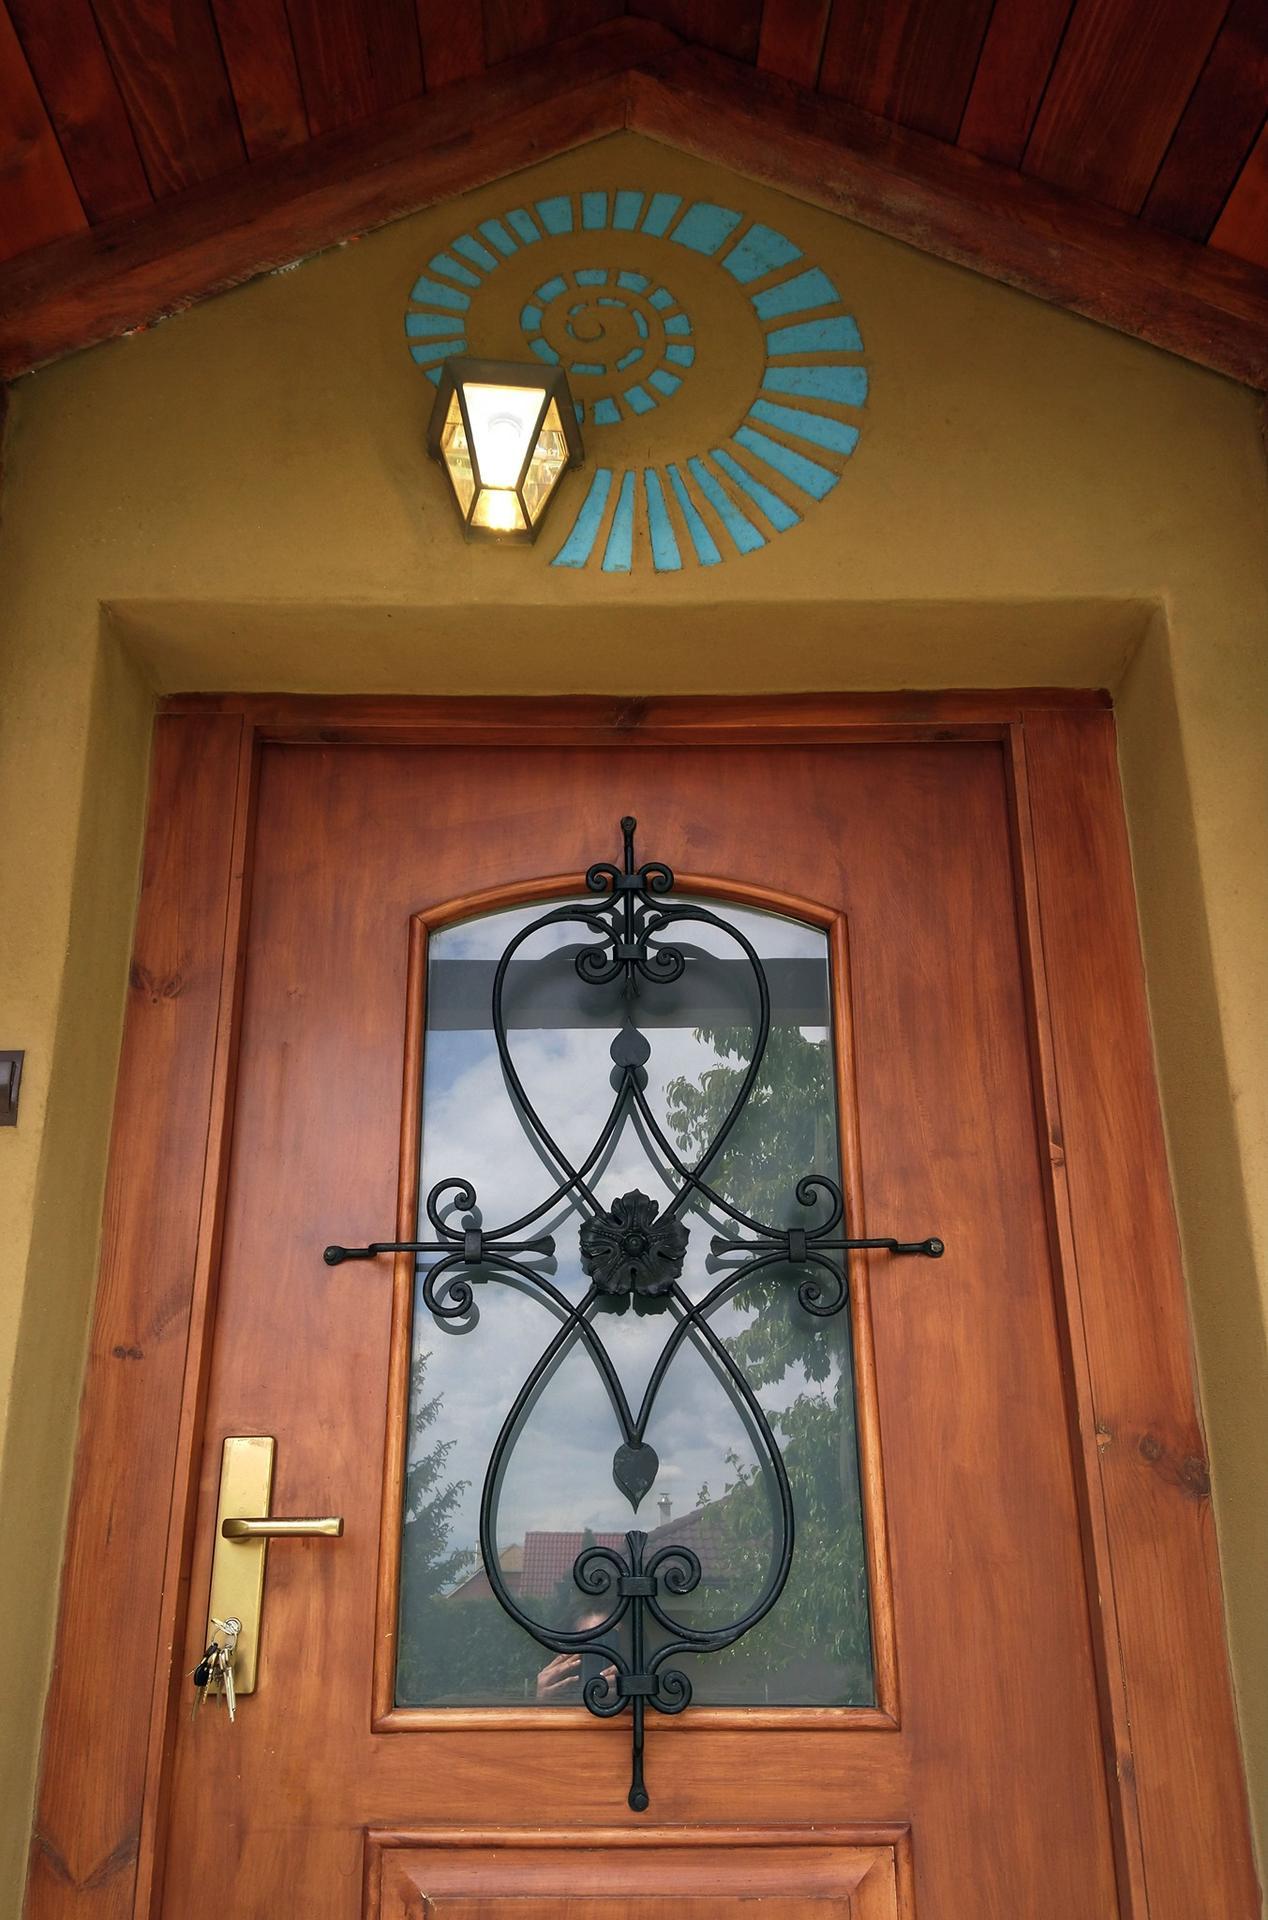 """Hlinené omietky - Hlinené sgrafitto nad vchodom. Vačšina ludí by dala lampu presne do stredu nad dvere, ale elektrikár bol """"umelec"""". Čo už, špirála trochu opticky odvadza  pozornosť od krivej lapmy."""